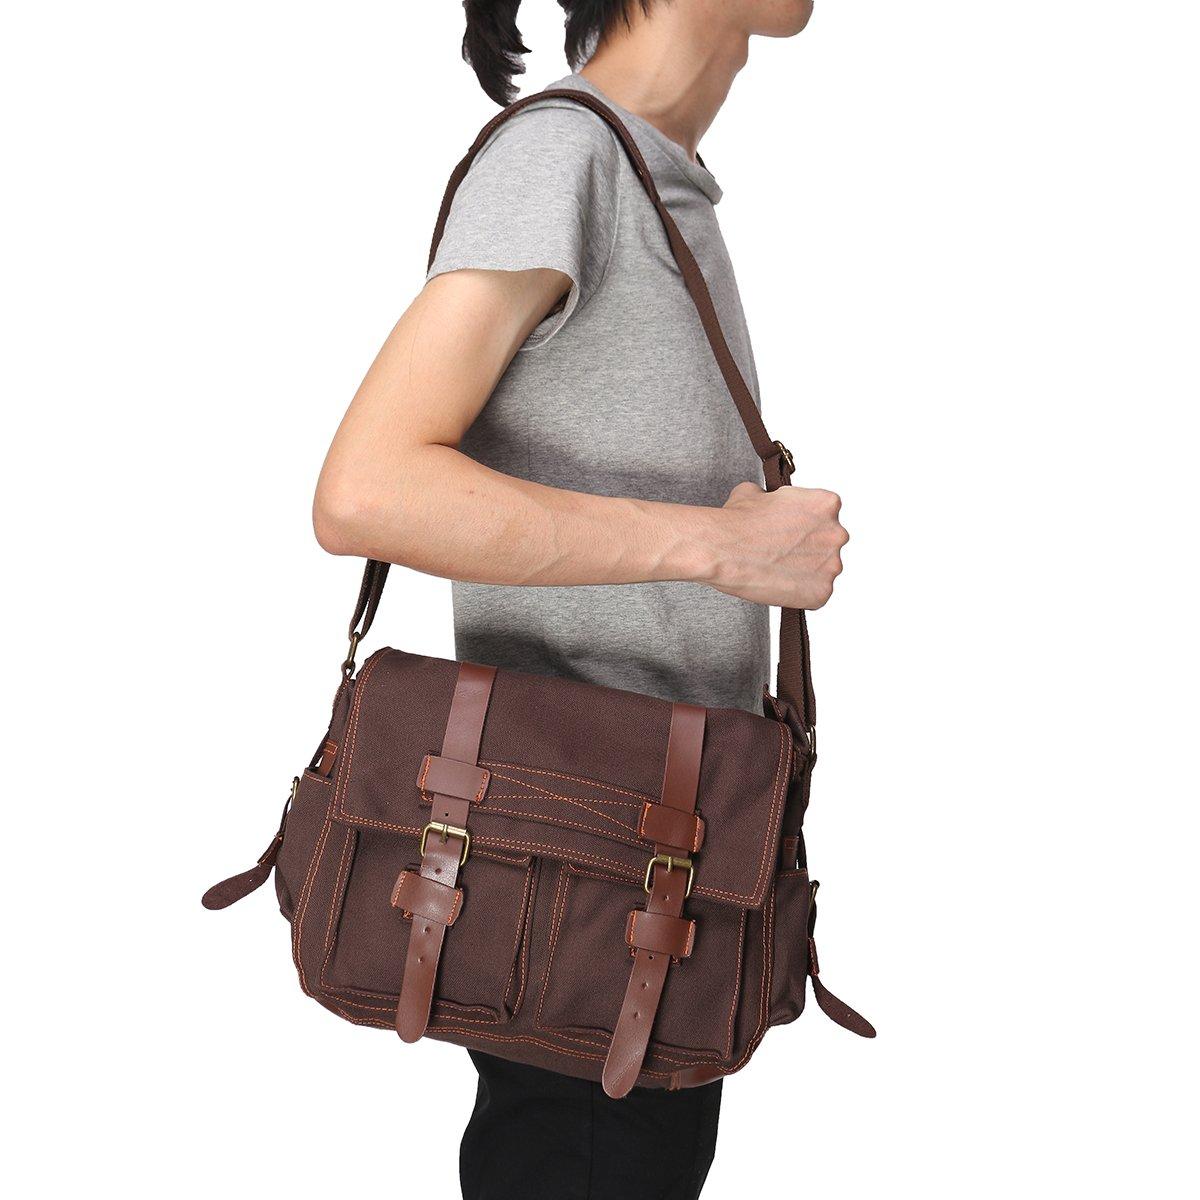 OURBAG Vintage Canvas Leather Military Shoulder Messenger Bag